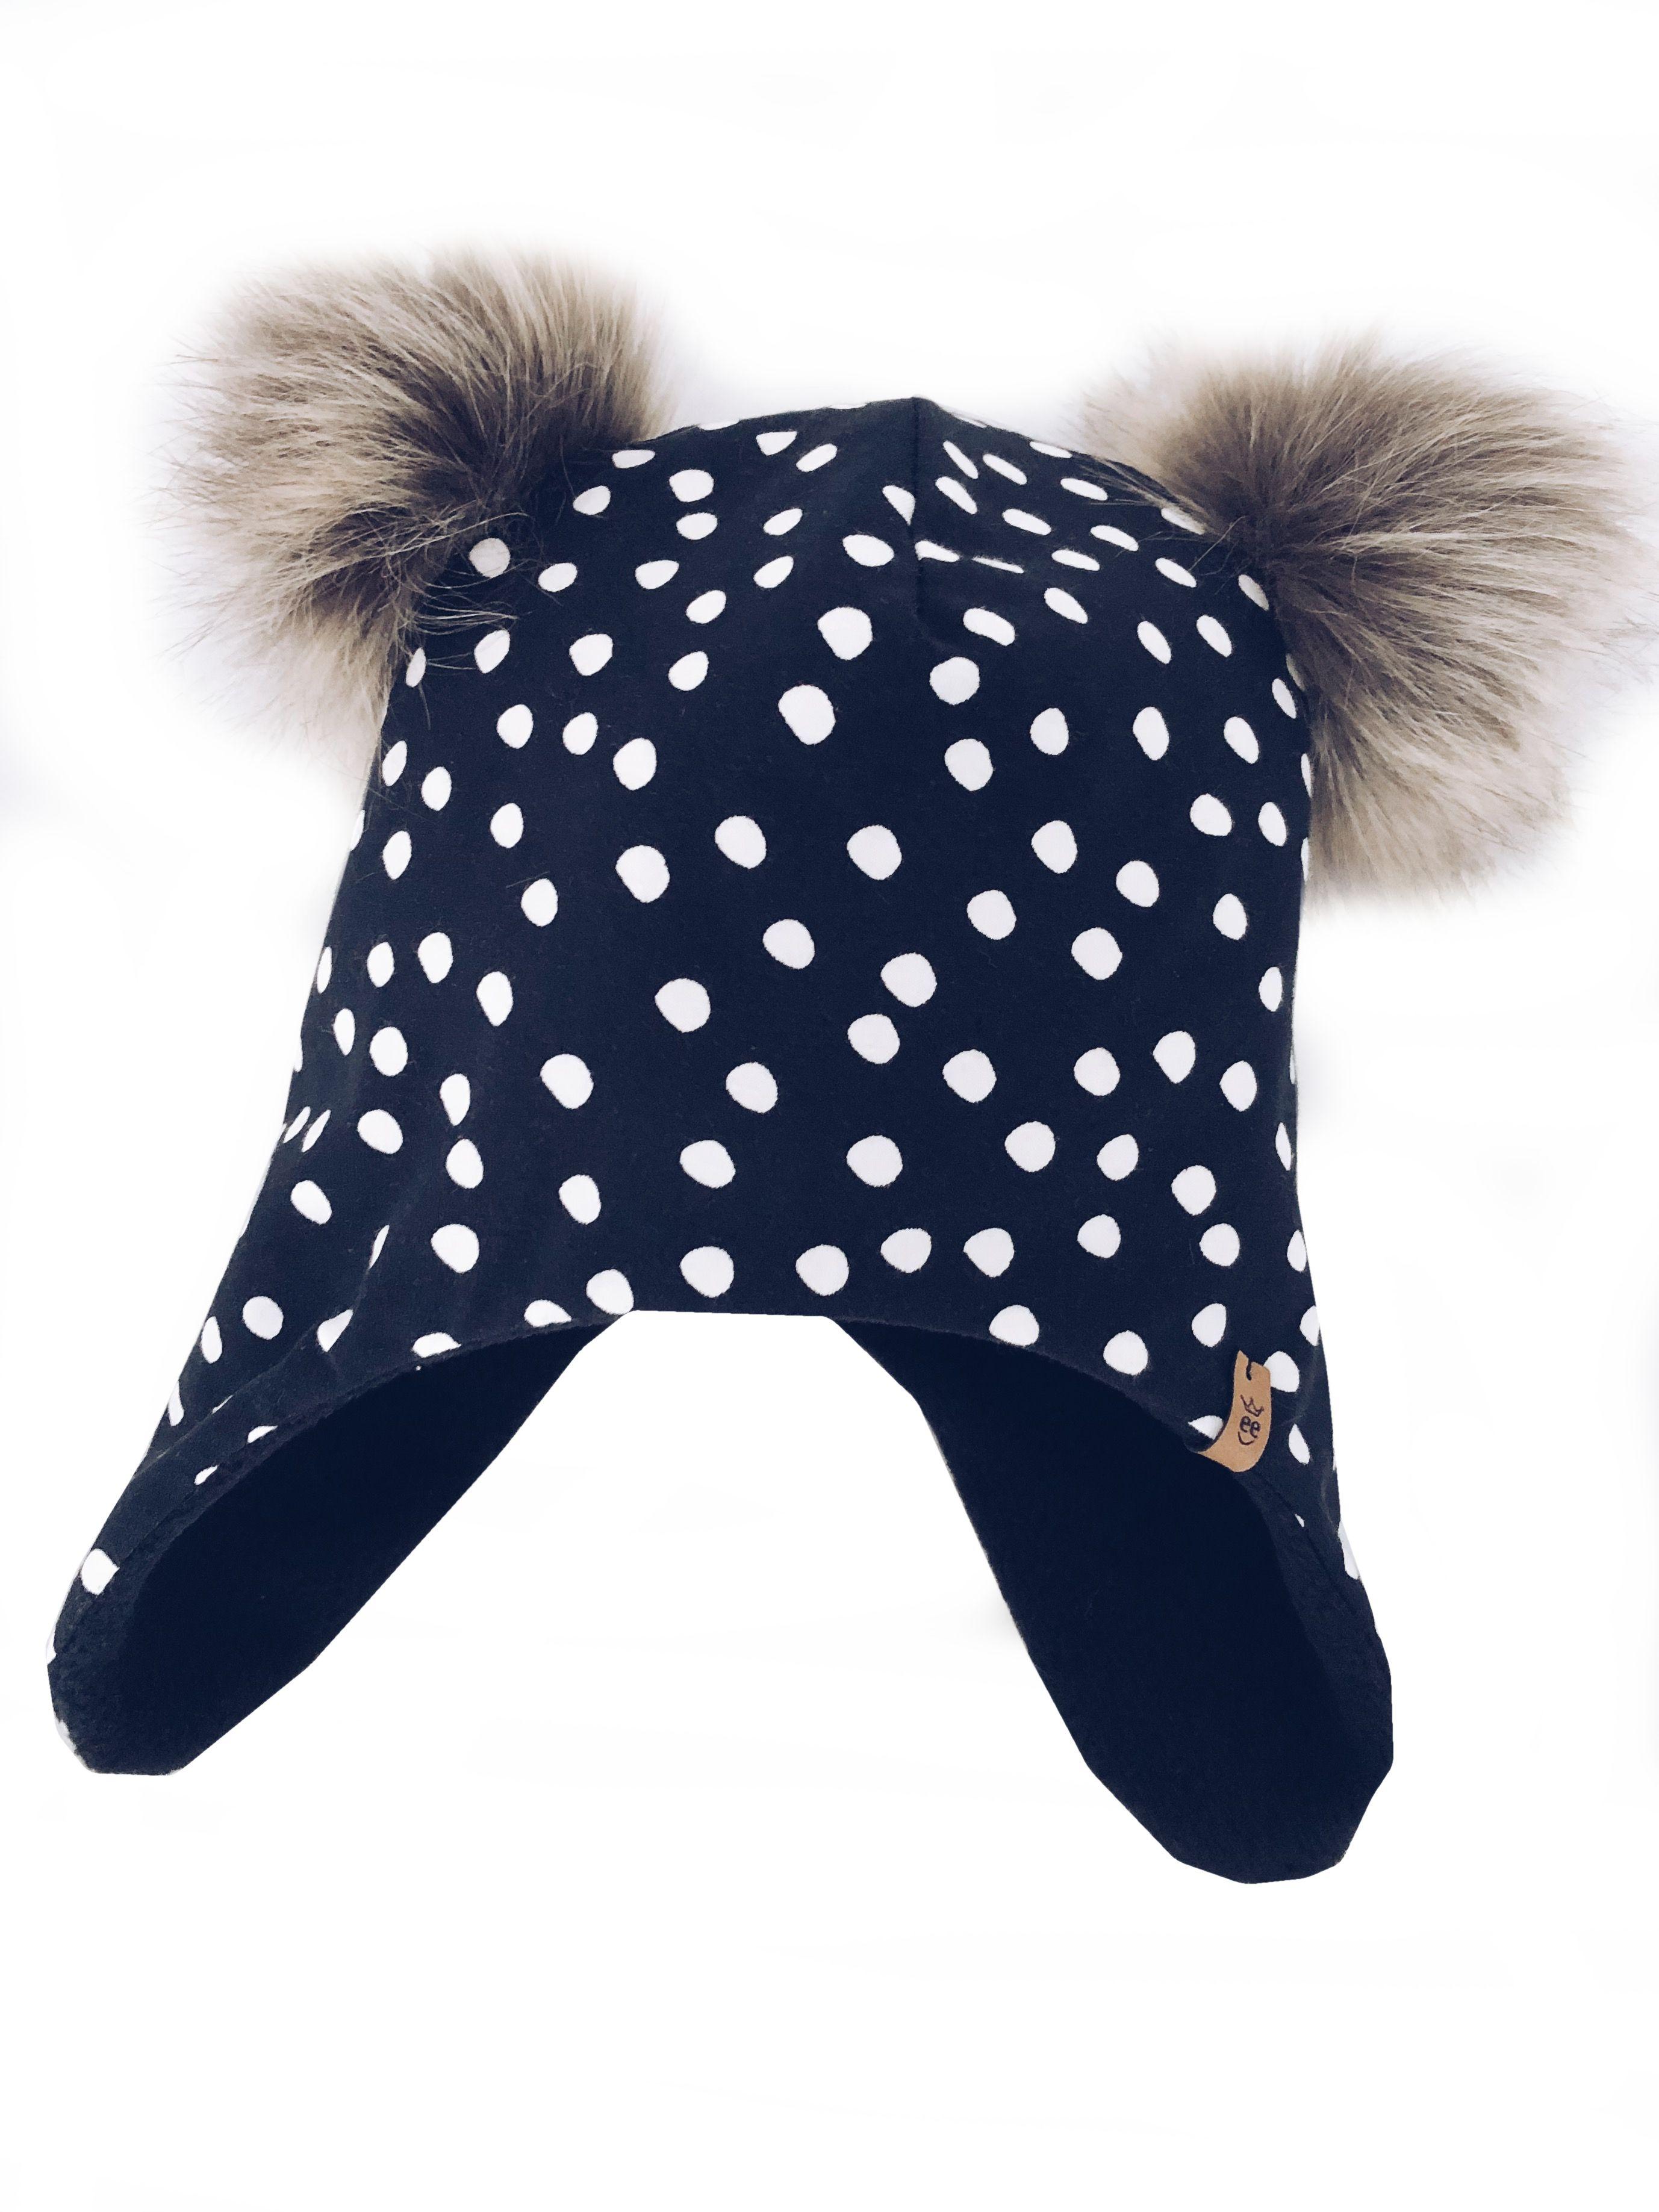 Wintermutze Maus In Schwarz Mit Punkten Wintermutzen Kindermutze Mutze